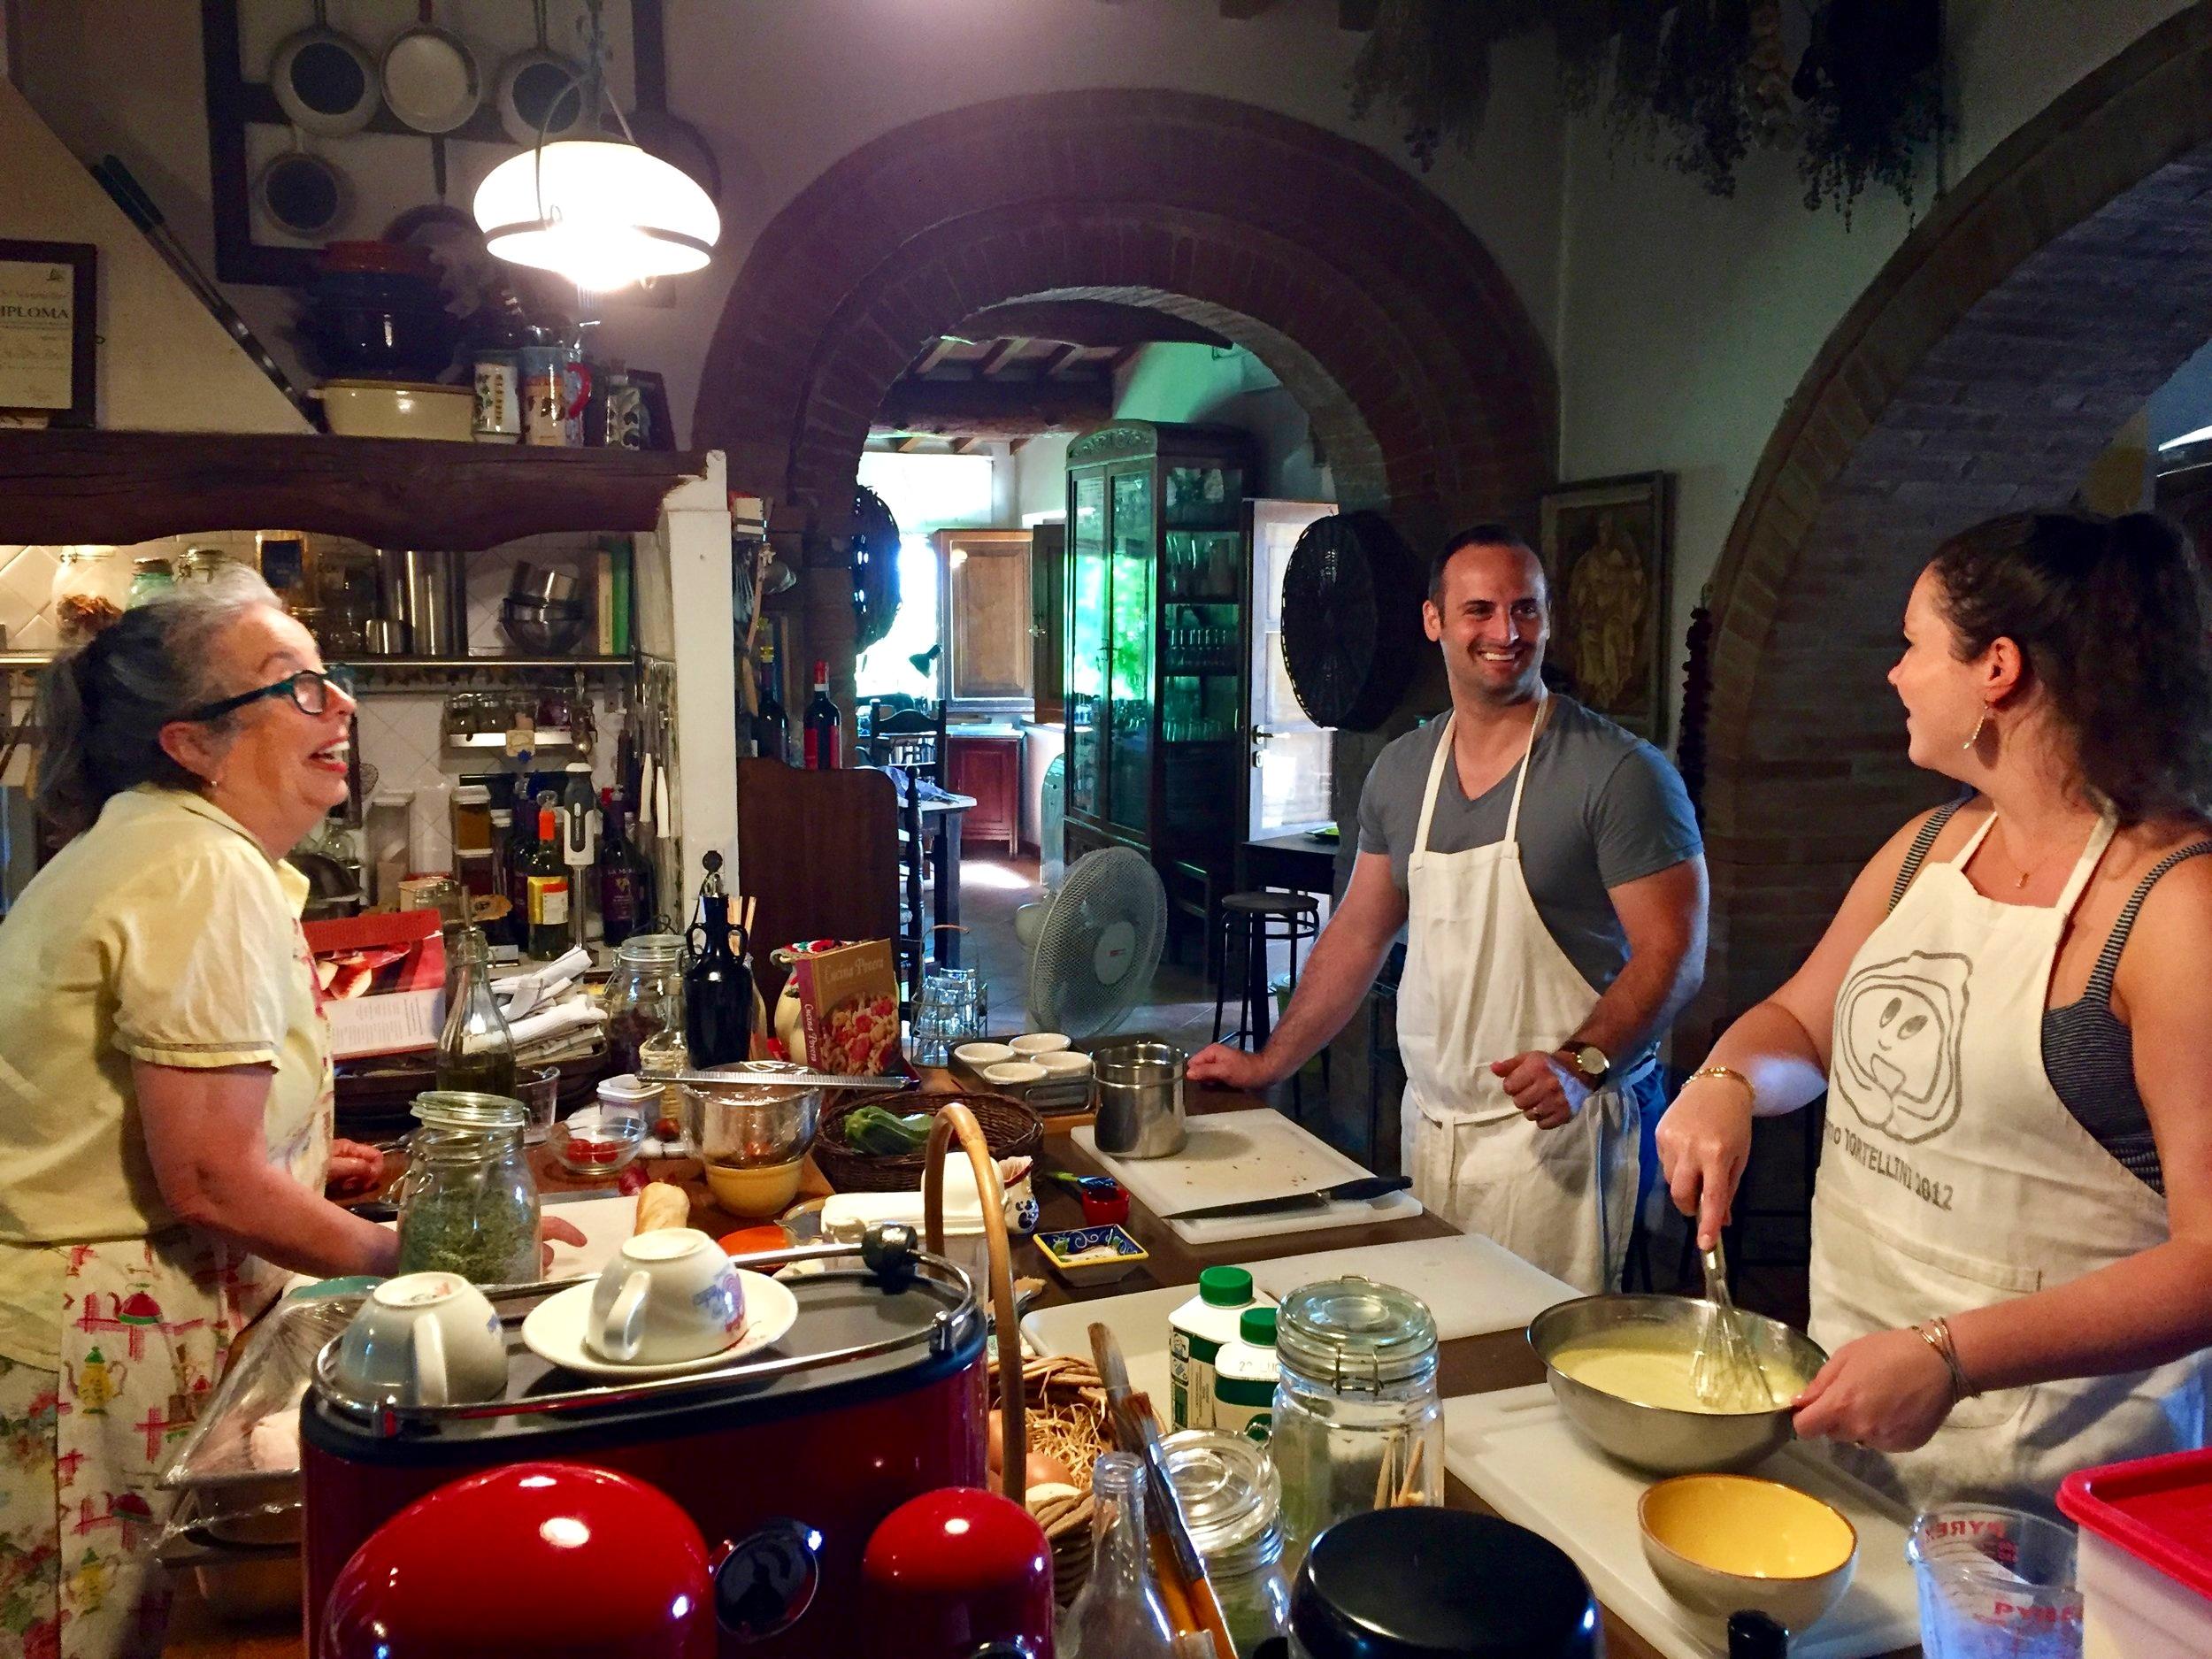 Fun cooking class - Montepulciano